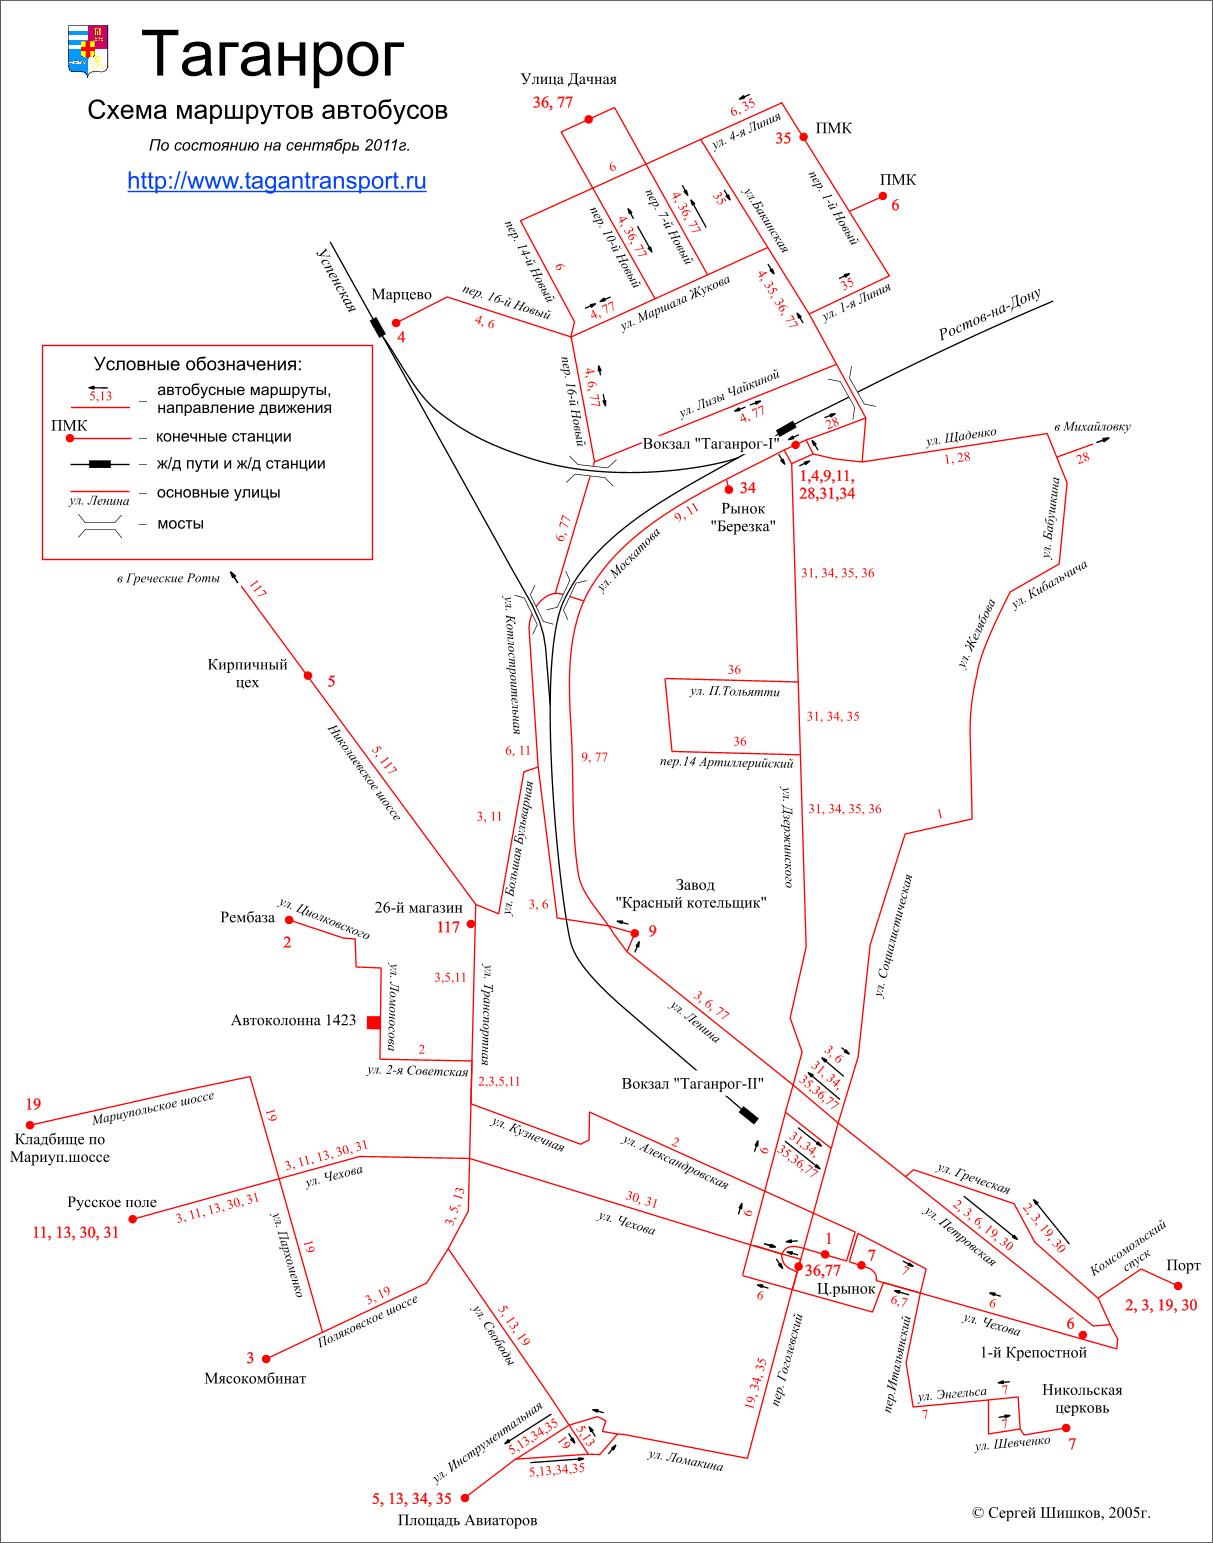 Таганрог. Схема маршрутов автобусов Таганрога по состоянию на сентябрь 2011 года (актуальная на сегодняшний день)